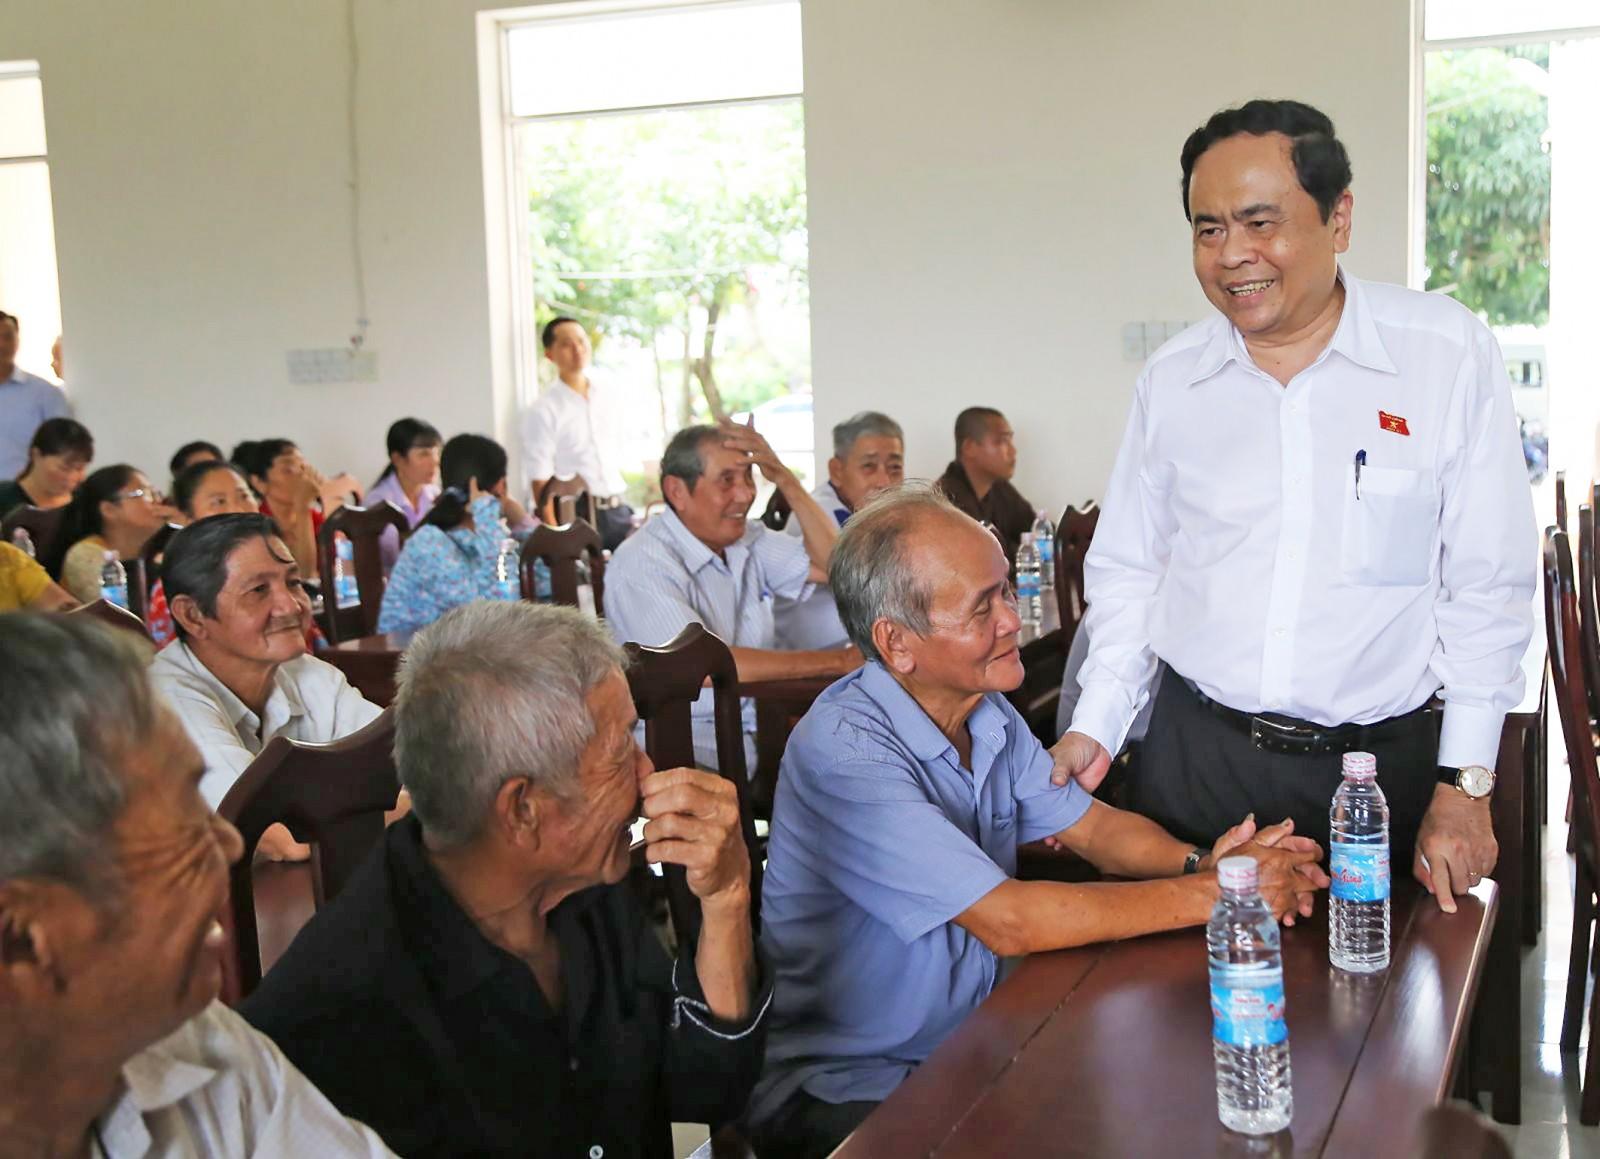 Ông Trần Thanh Mẫn, Bí thư Trung ương Đảng, Chủ tịch Ủy ban Trung ương MTTQVN  gặp gỡ, thăm hỏi cử tri xã Trung Thạnh. Ảnh: THANH THƯ